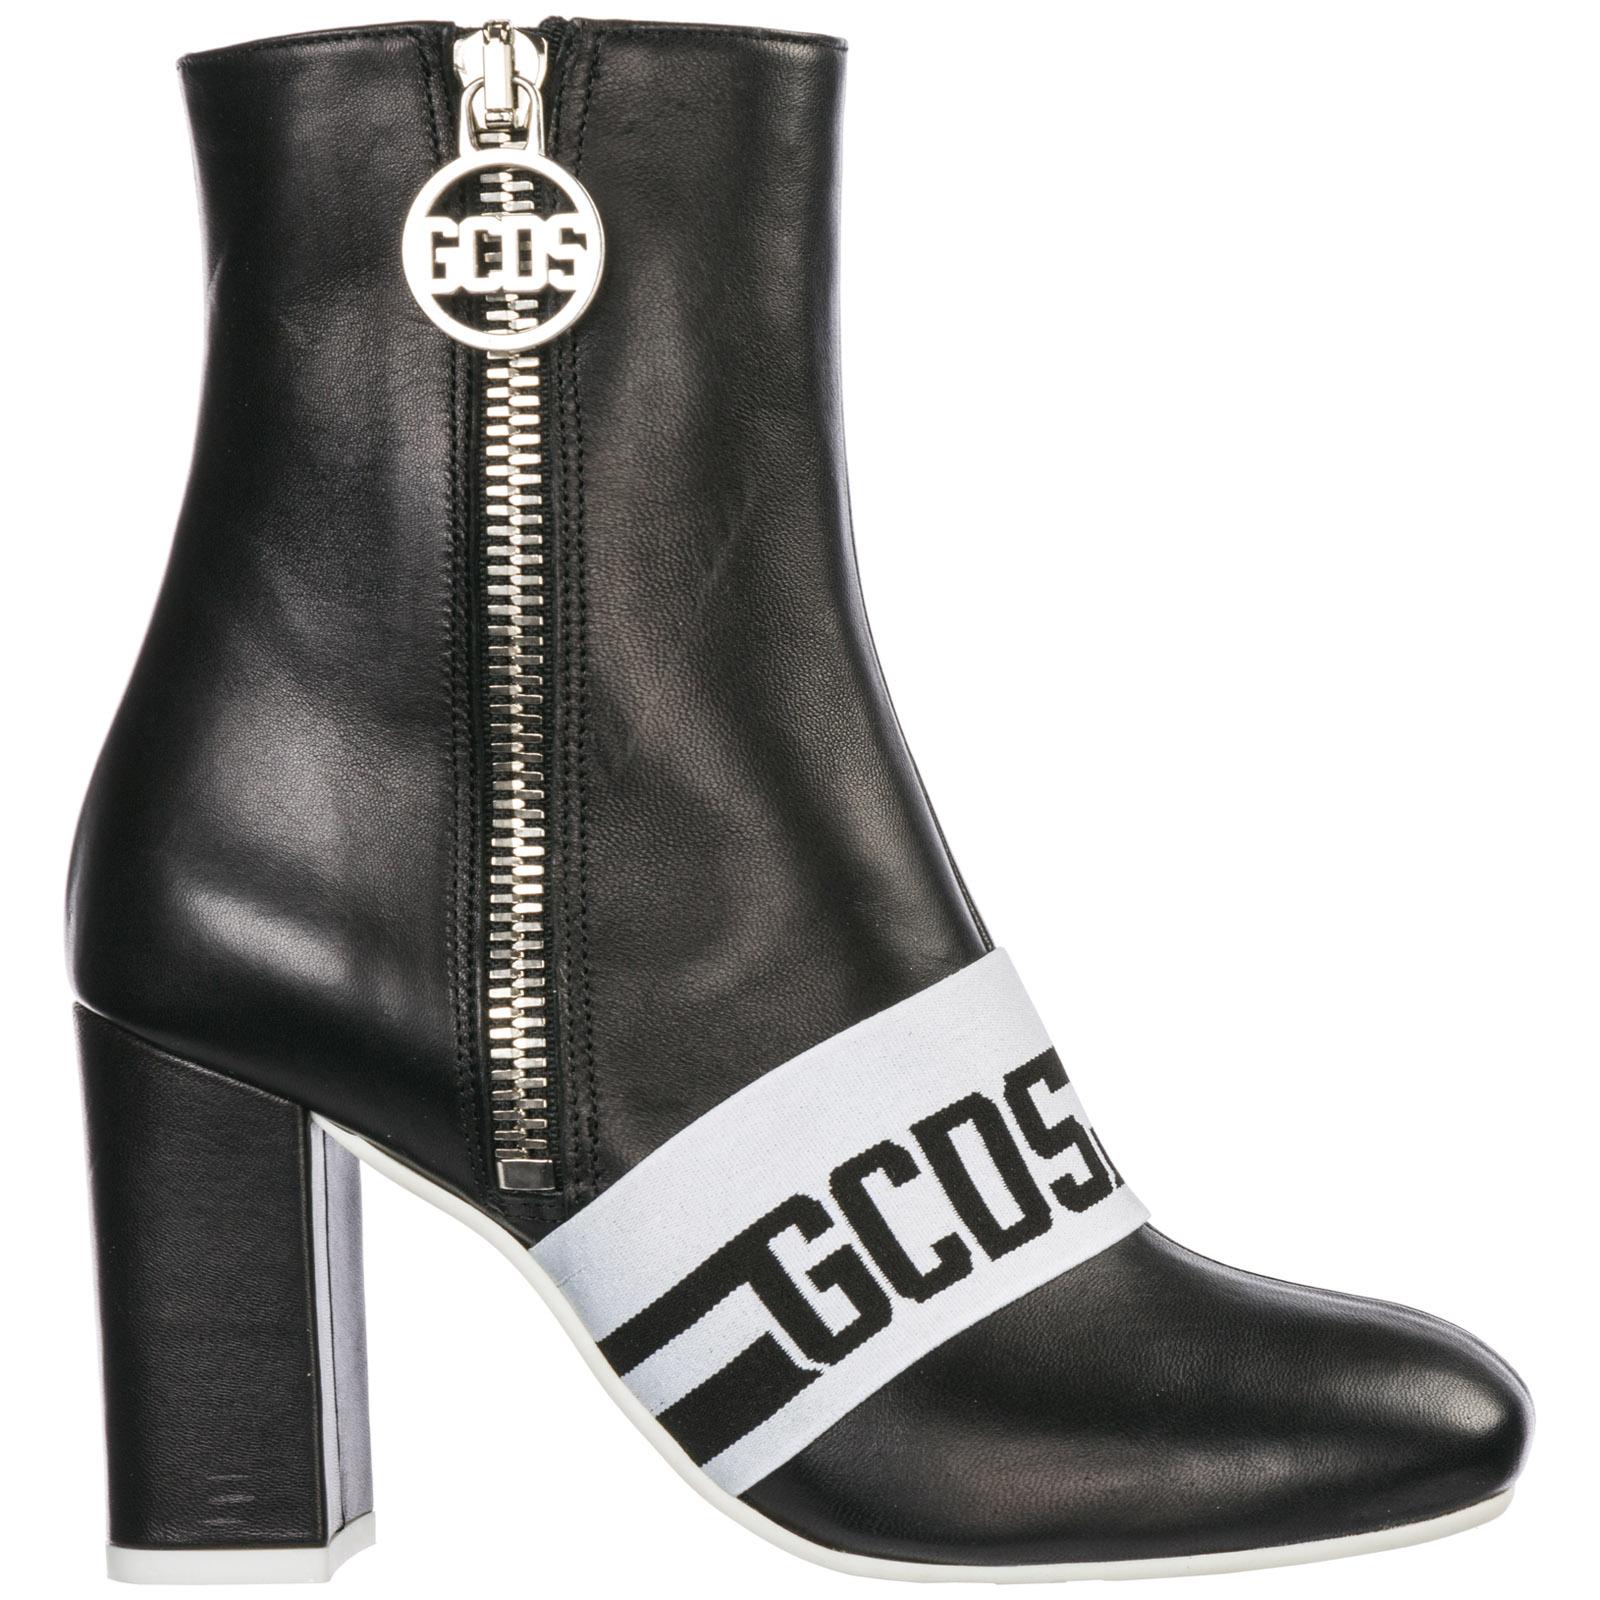 nuovo prodotto 48d92 ef37a Stivaletti stivali donna con tacco in pelle